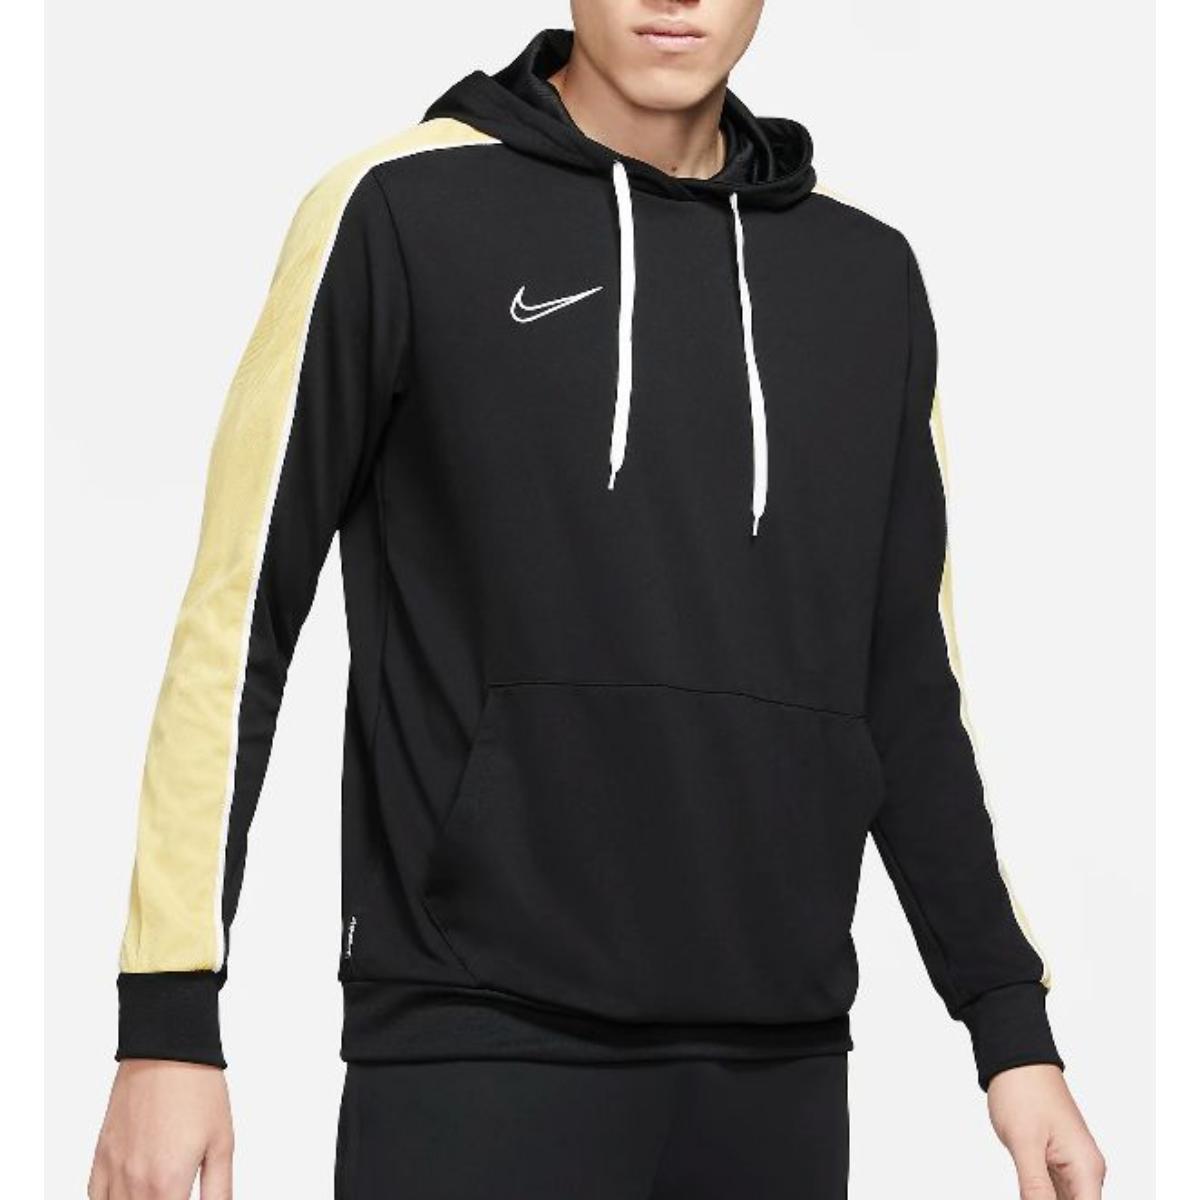 Blusão Masculino Nike Cz0966-011 Dri-fit Academy Preto/amarelo